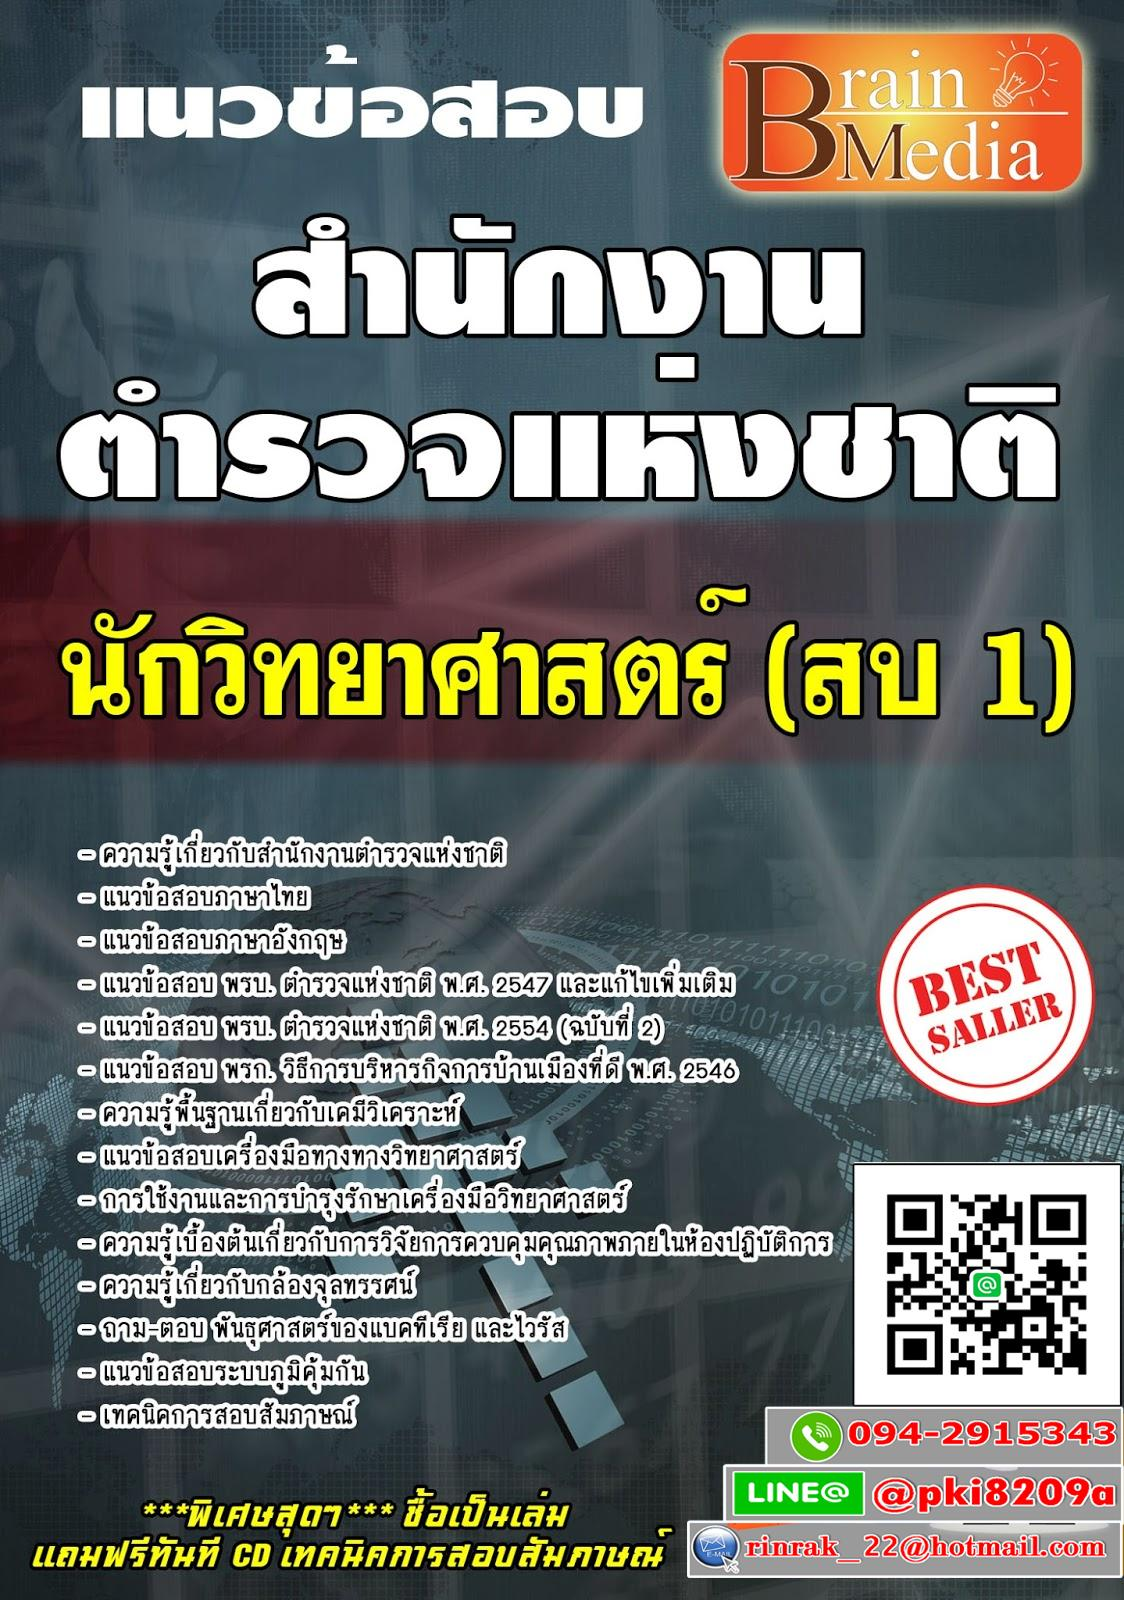 สรุปแนวข้อสอบ นักวิทยาศาสตร์(สบ1) สำนักงานตำรวจแห่งชาติ